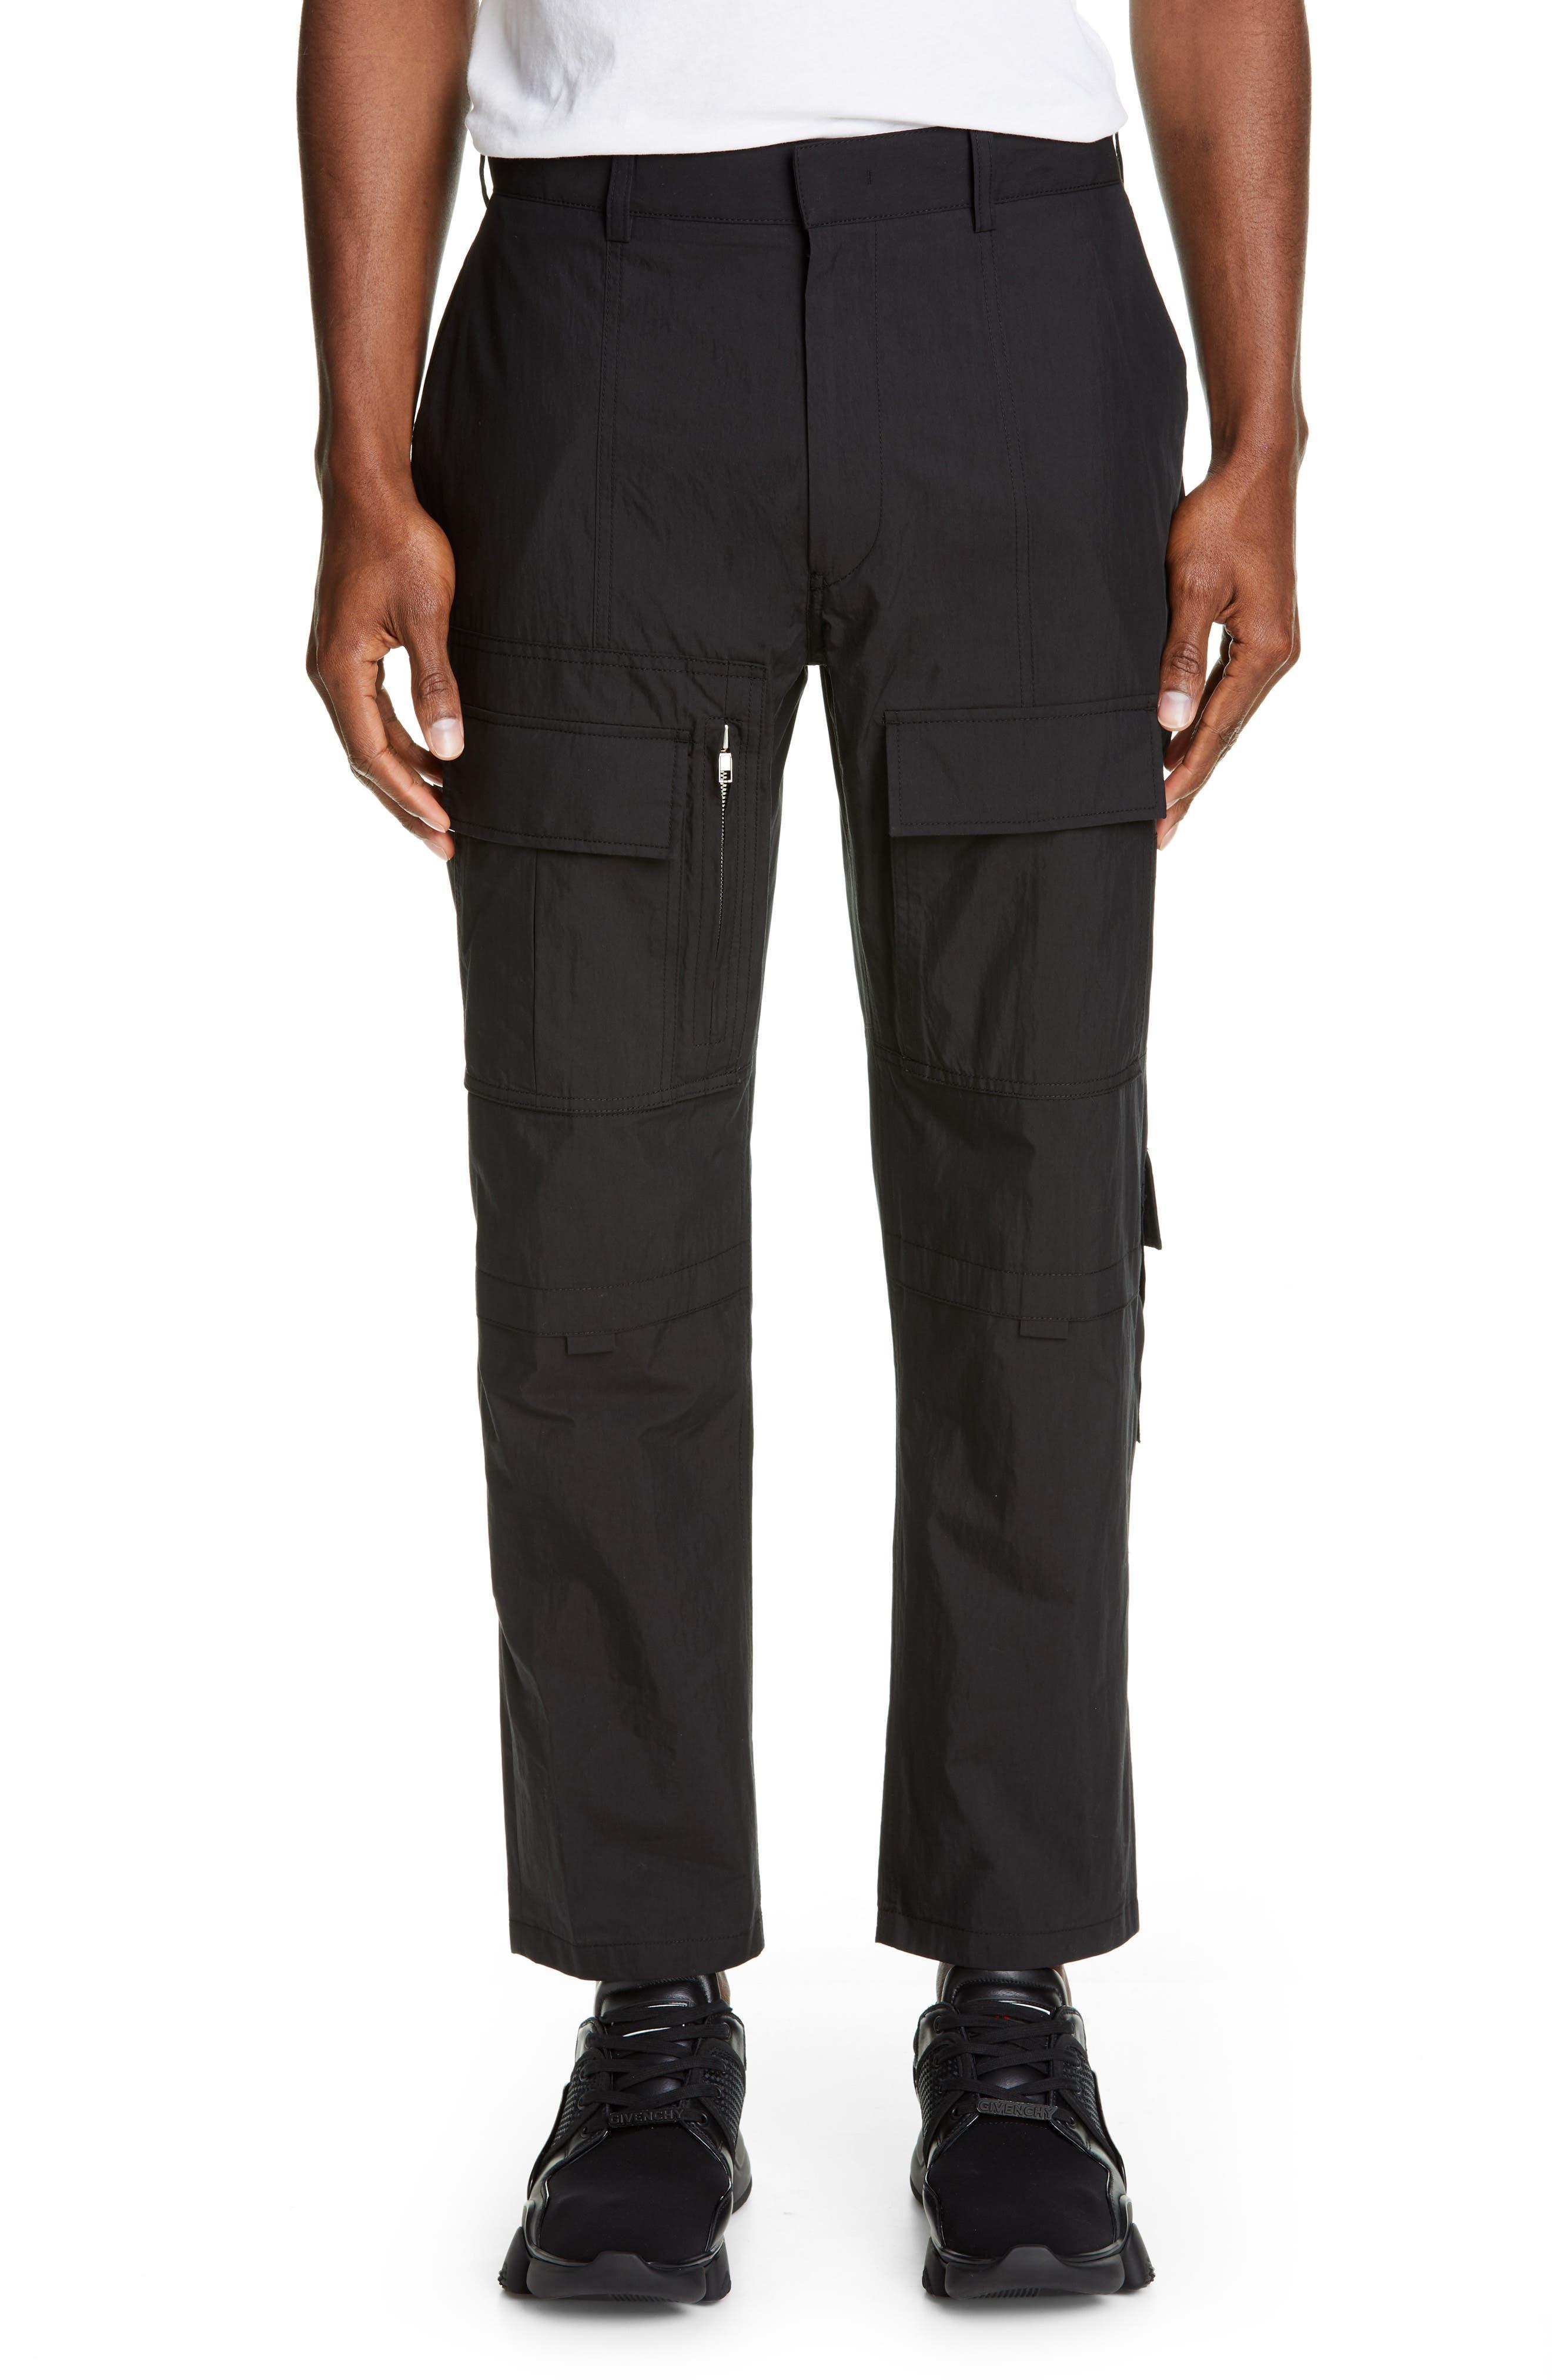 Juun.j Cargo Pants, Black